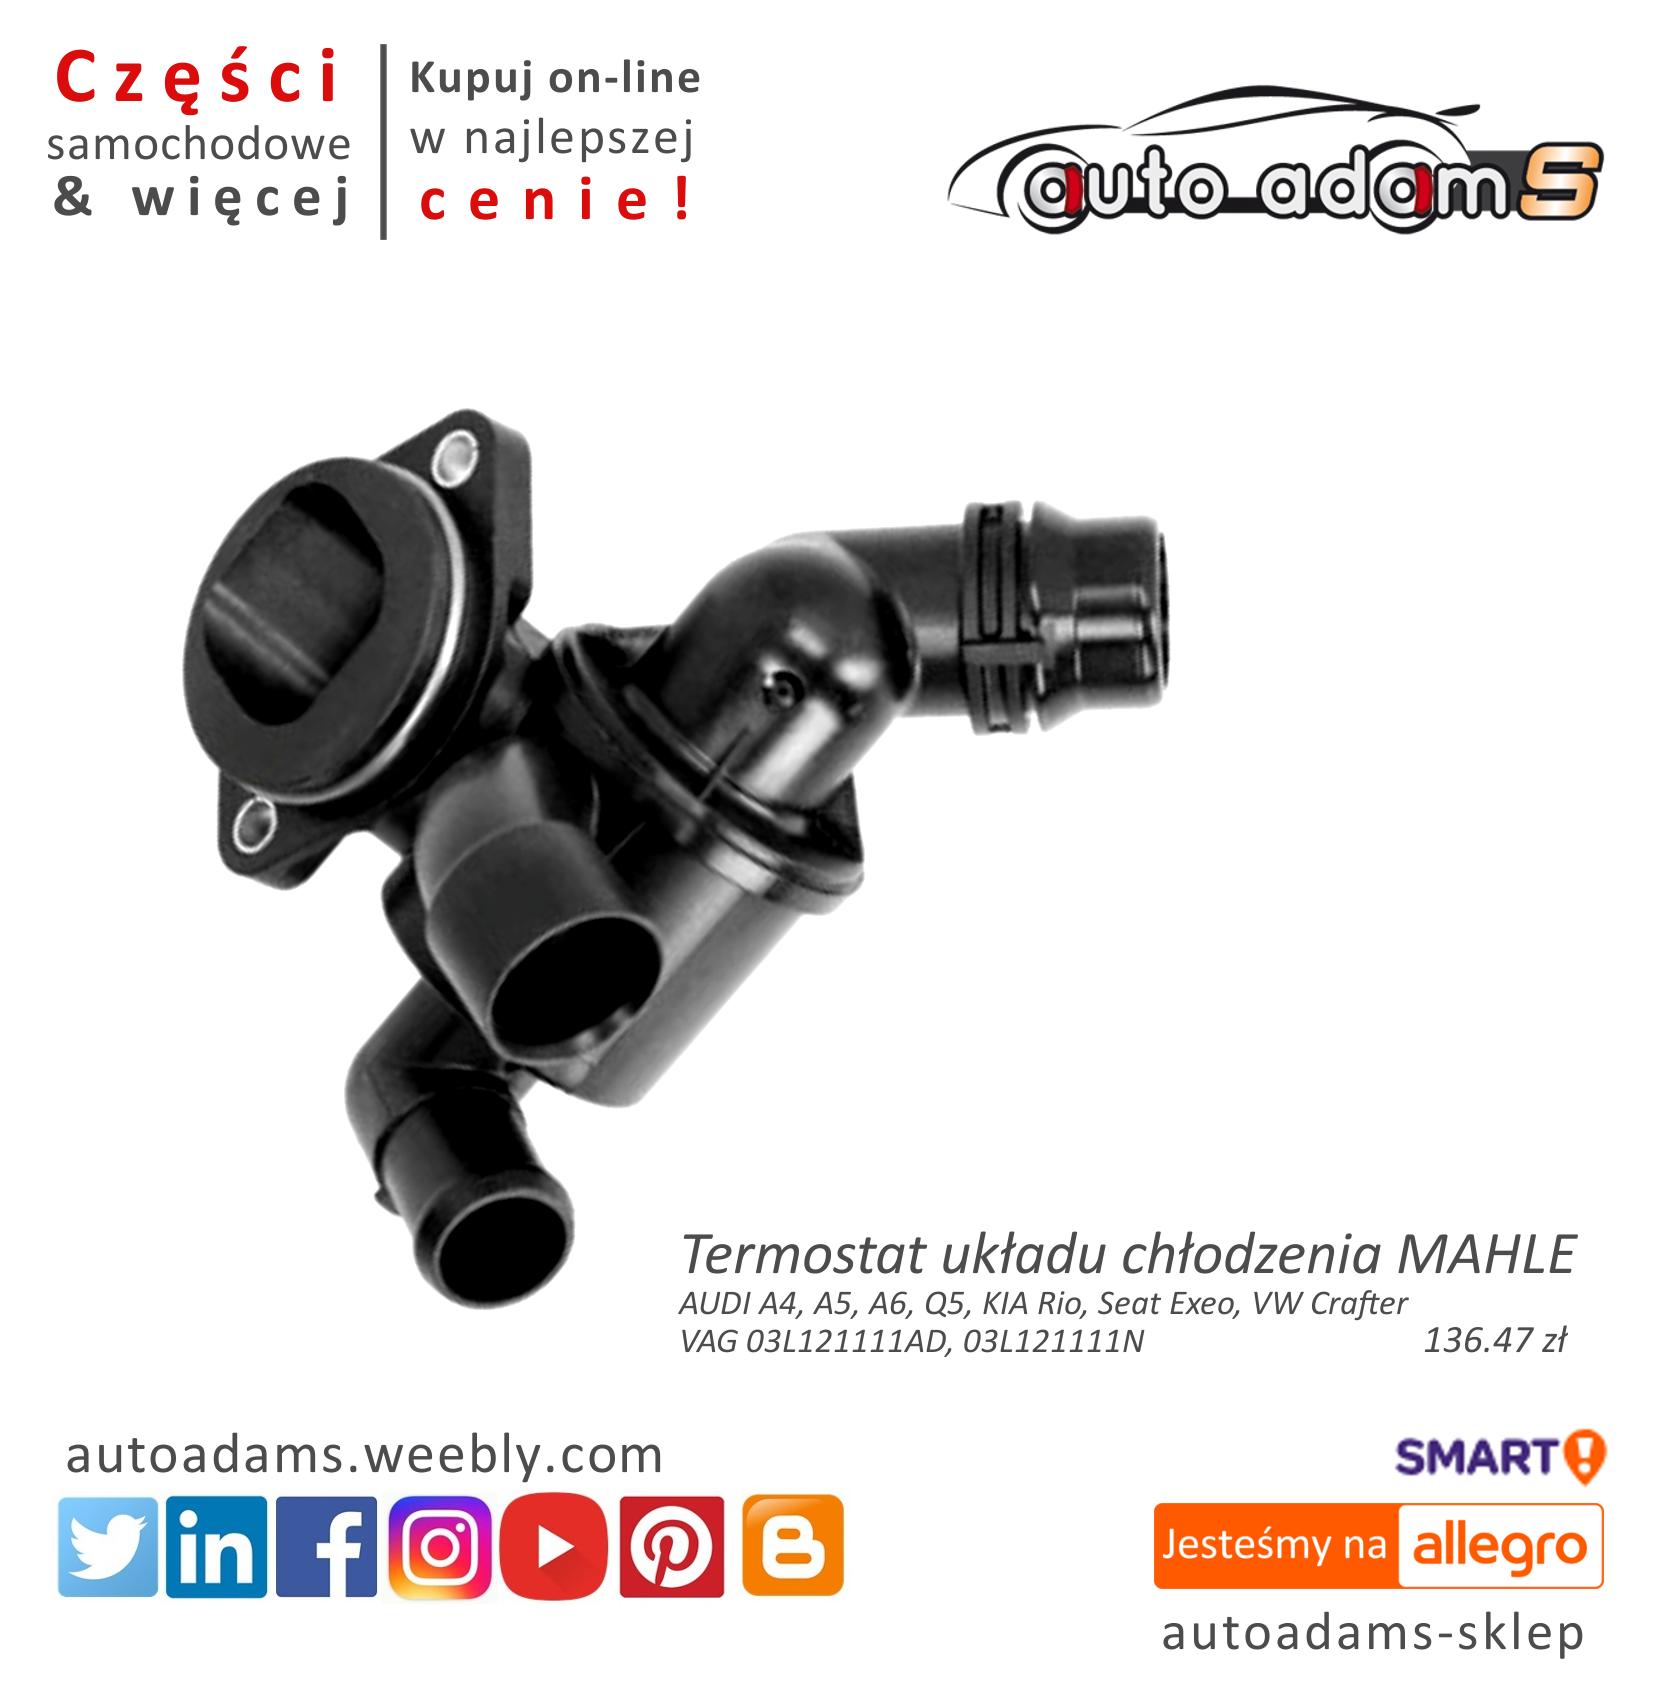 Termostat Mahle Behr Audi Kia Seat Vw Ti3487 8881253256 Oficjalne Archiwum Allegro Audi Kia Behr